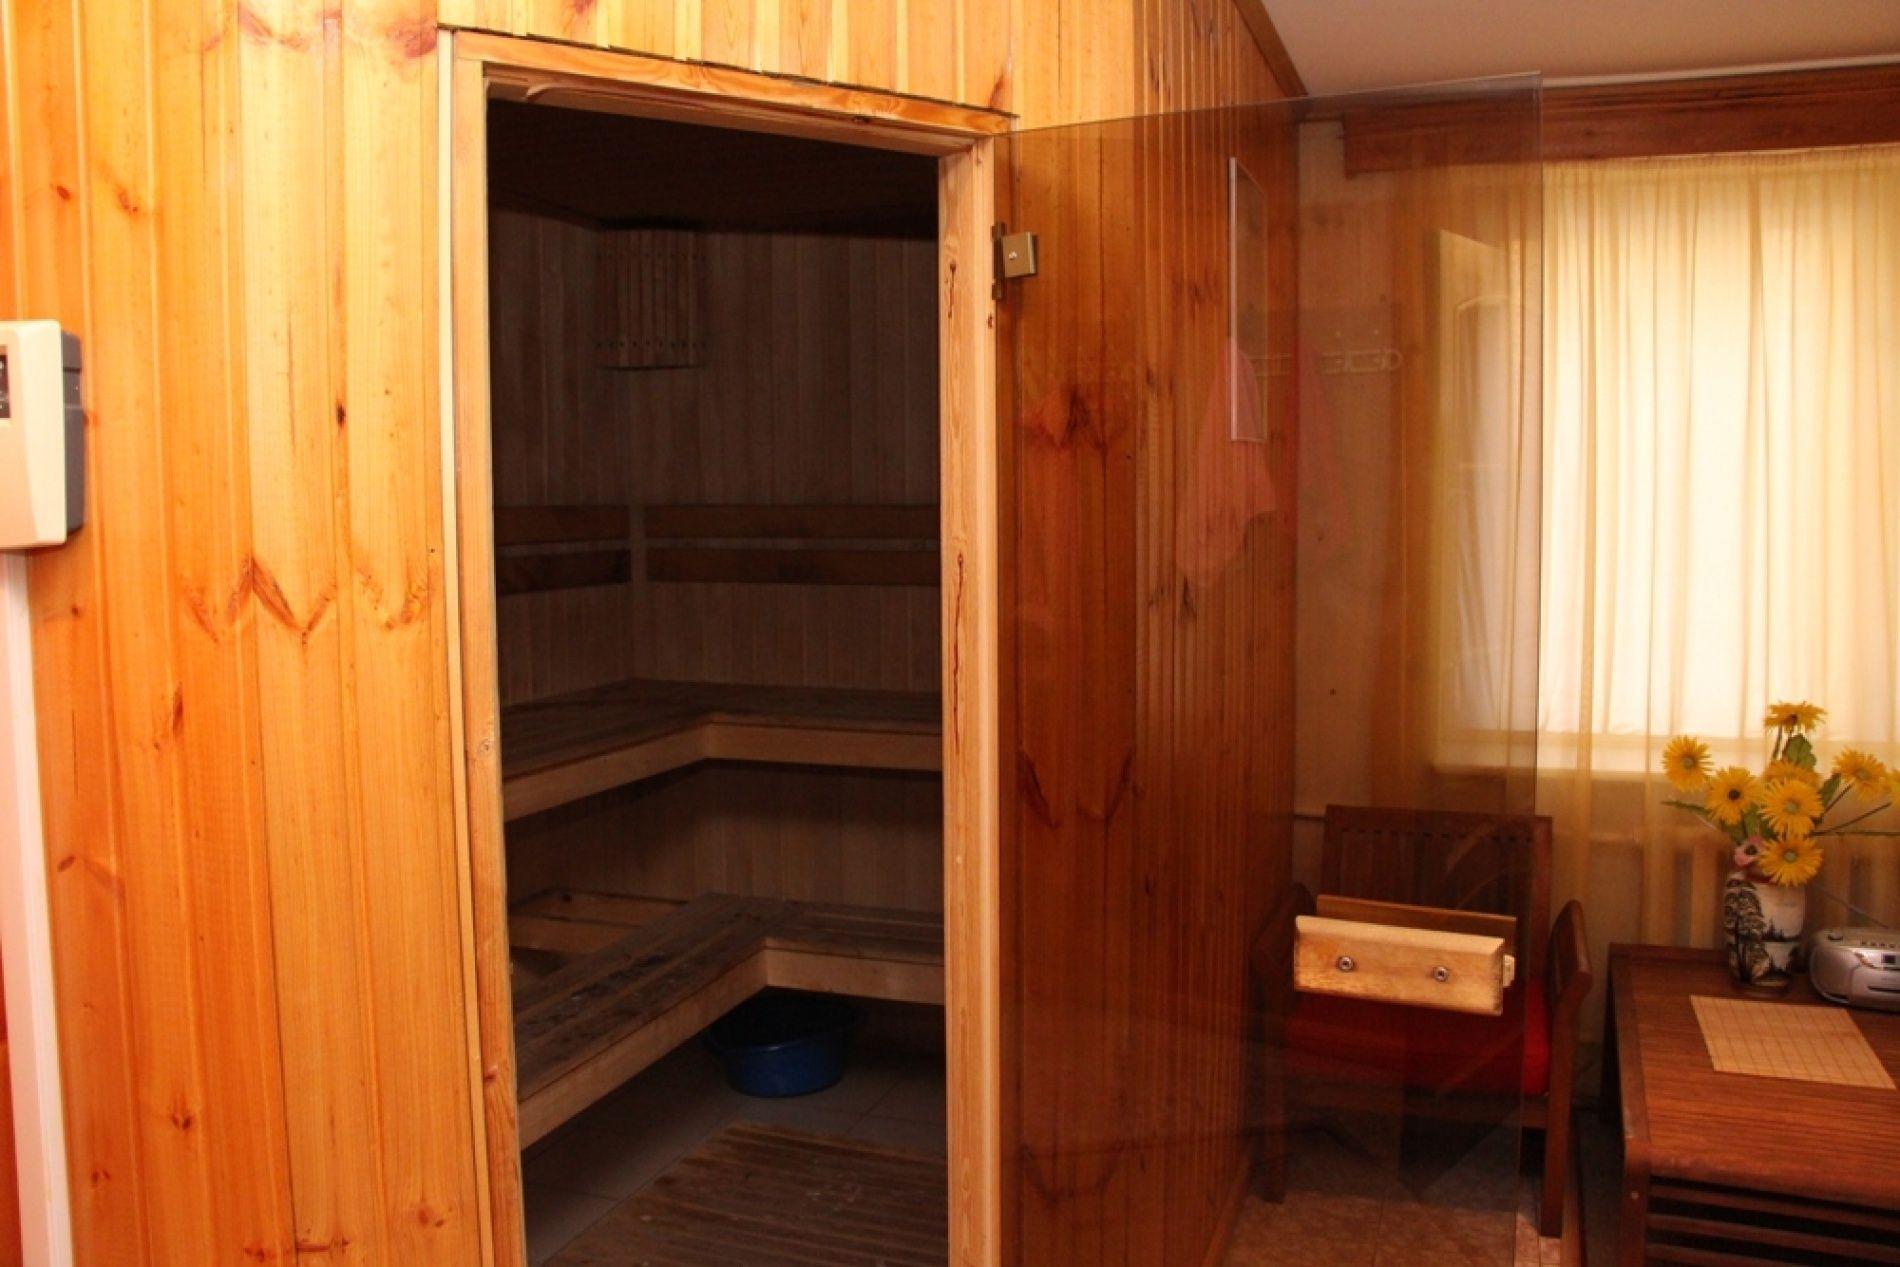 База отдыха «Залив» Нижегородская область Номер VIP (91 кв.м) с сауной, фото 4